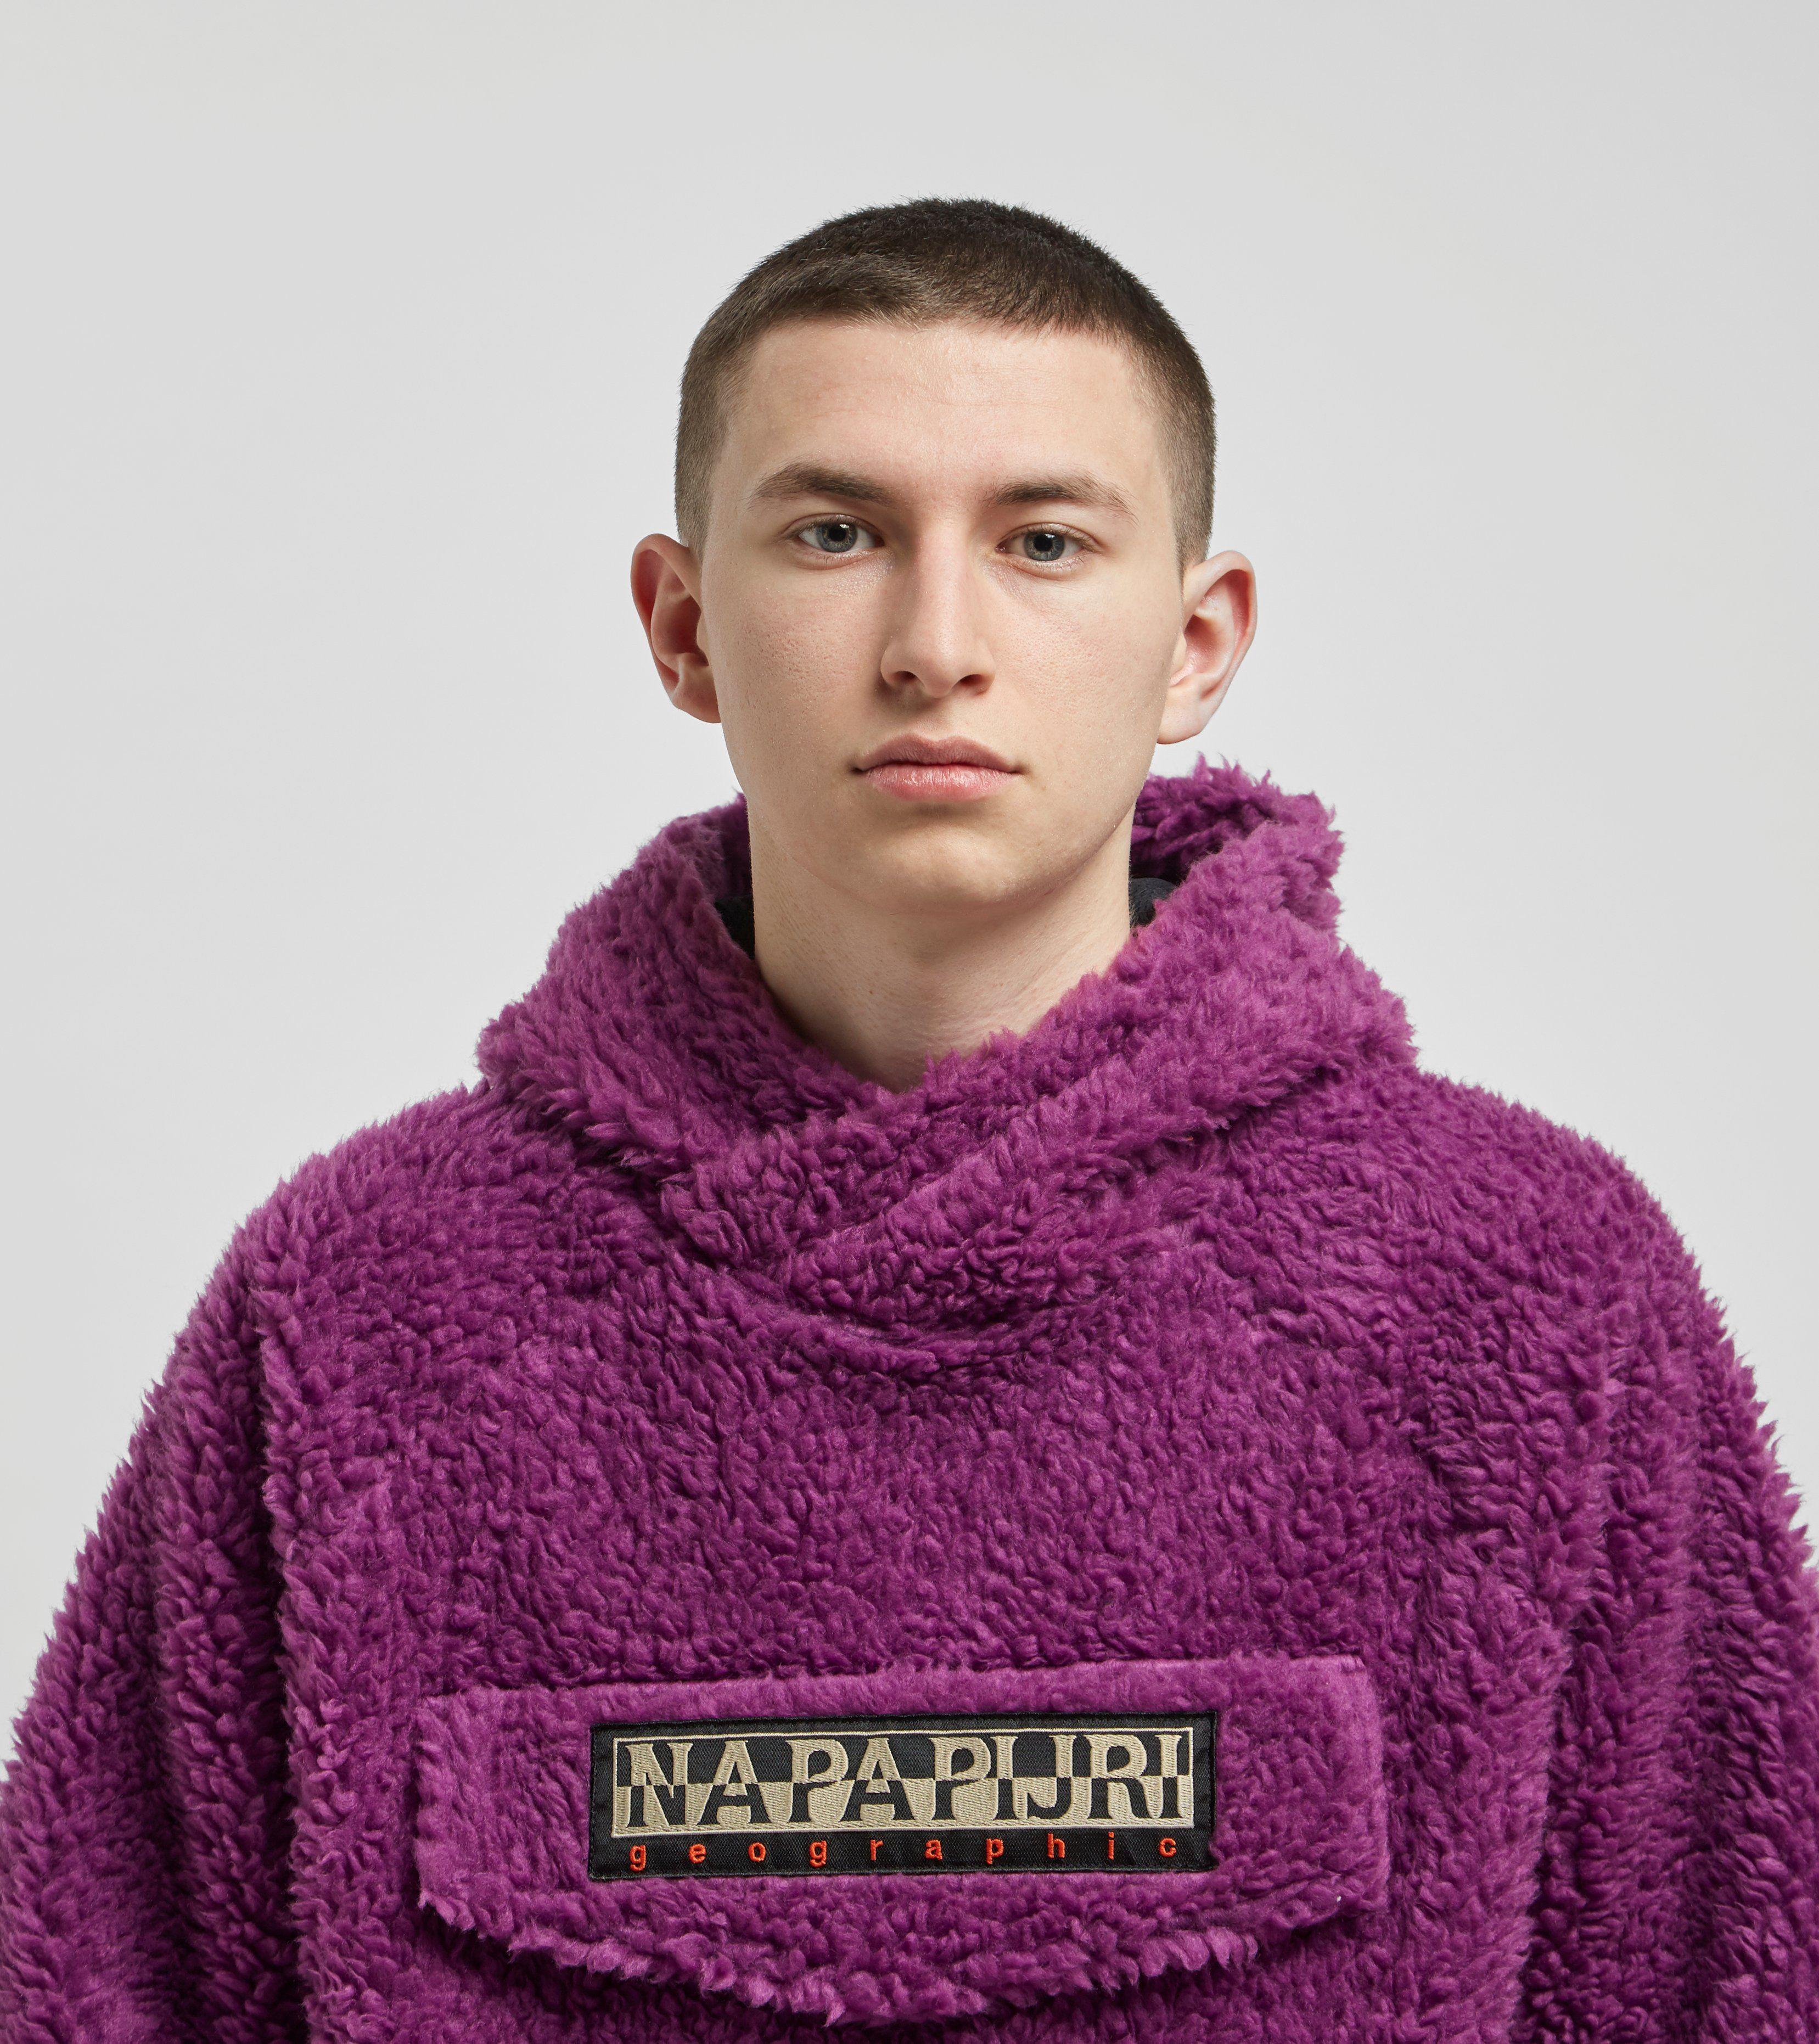 Napapijri Telve Fleece Hoody